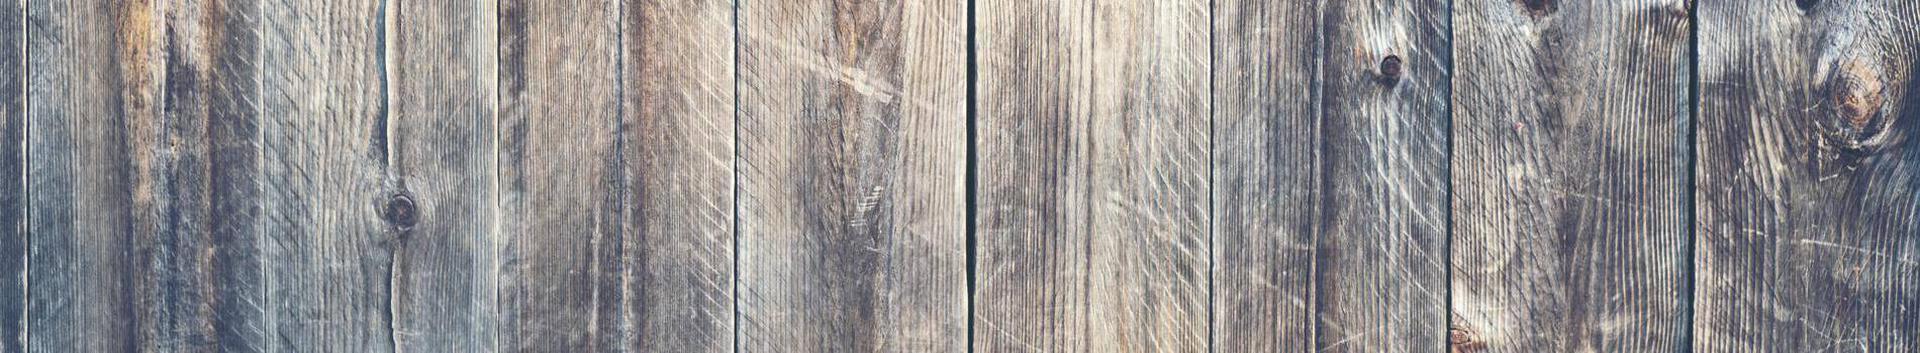 puidust ehitusmaterjalide, puidust demonteeritavate ehitiste komplektide tootmine, puidust uste ja akende ning muude puitkonstruktsioonide tootmine